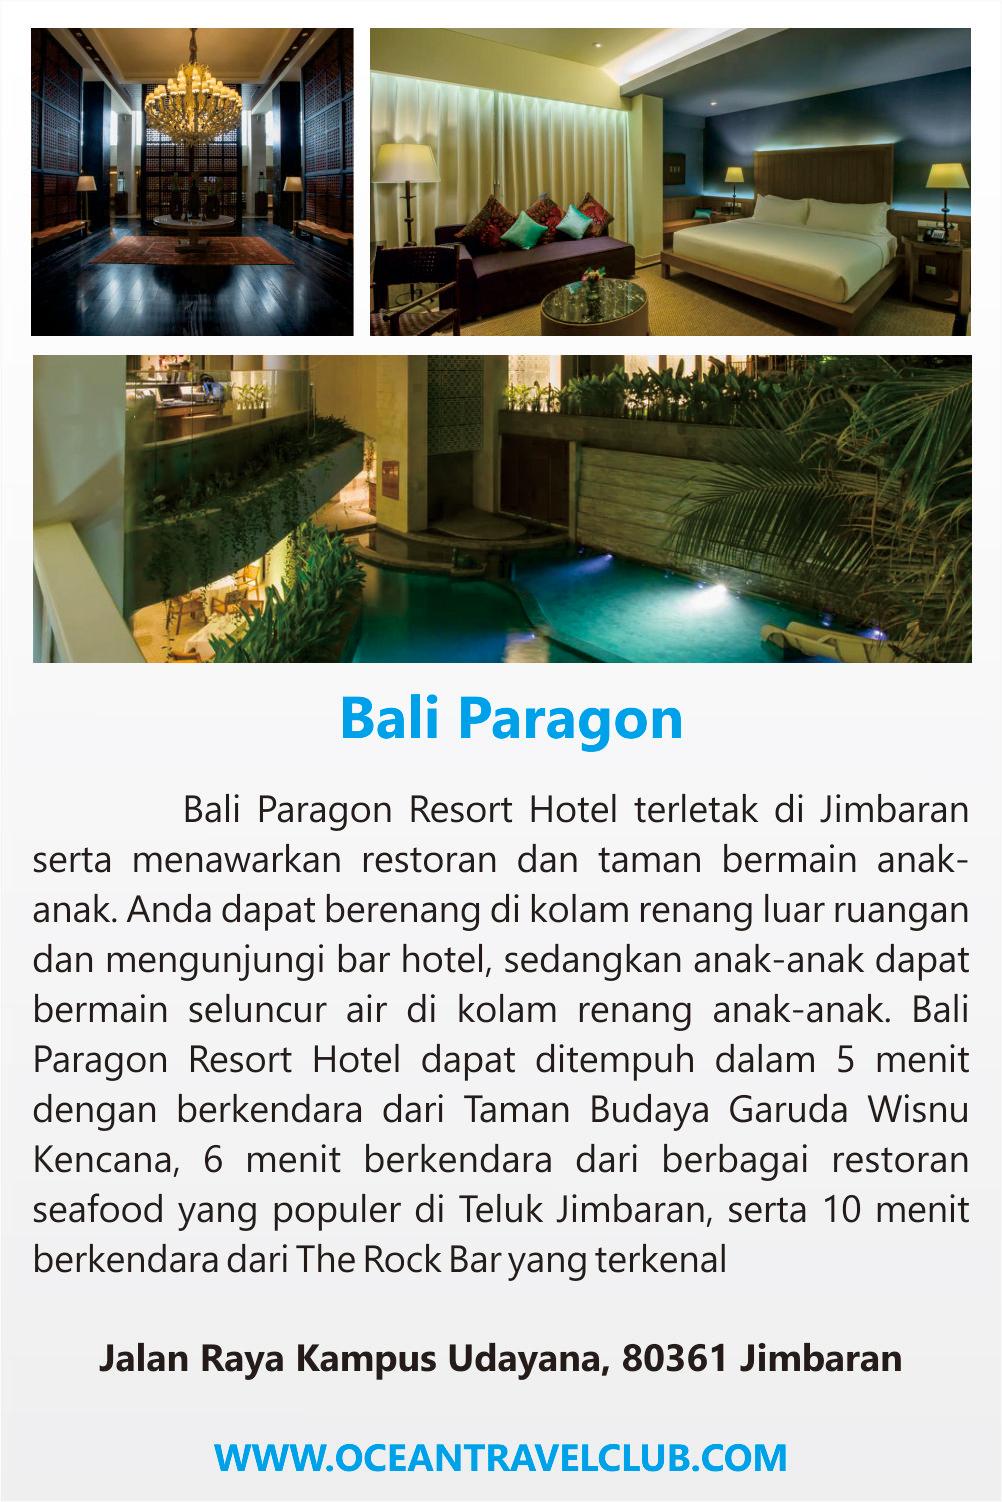 Bali Paragon